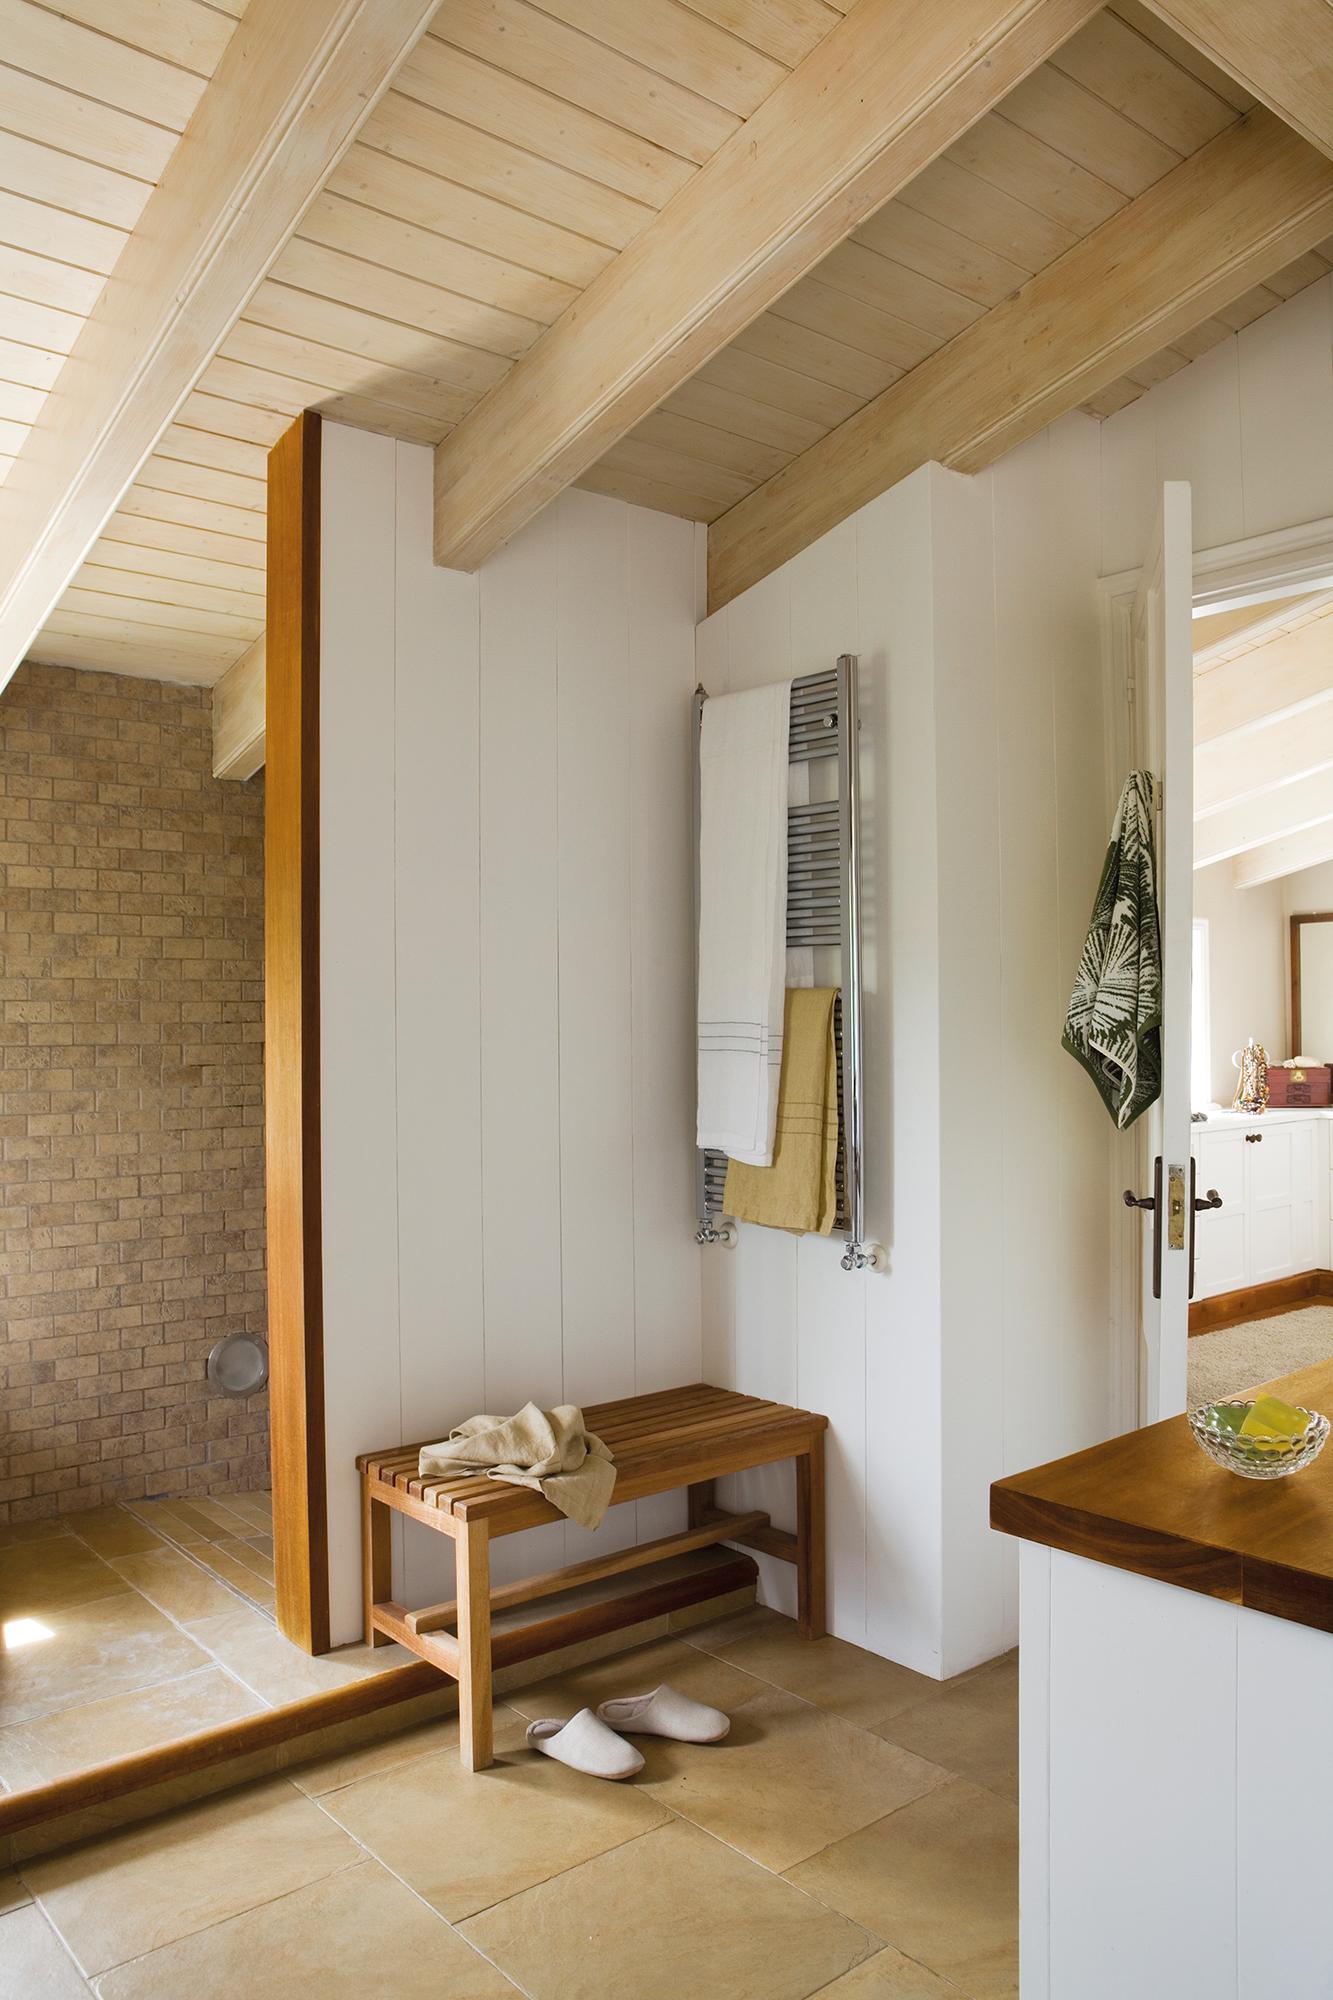 Radiadores toallero claves para acertar for Colgar toallas ducha